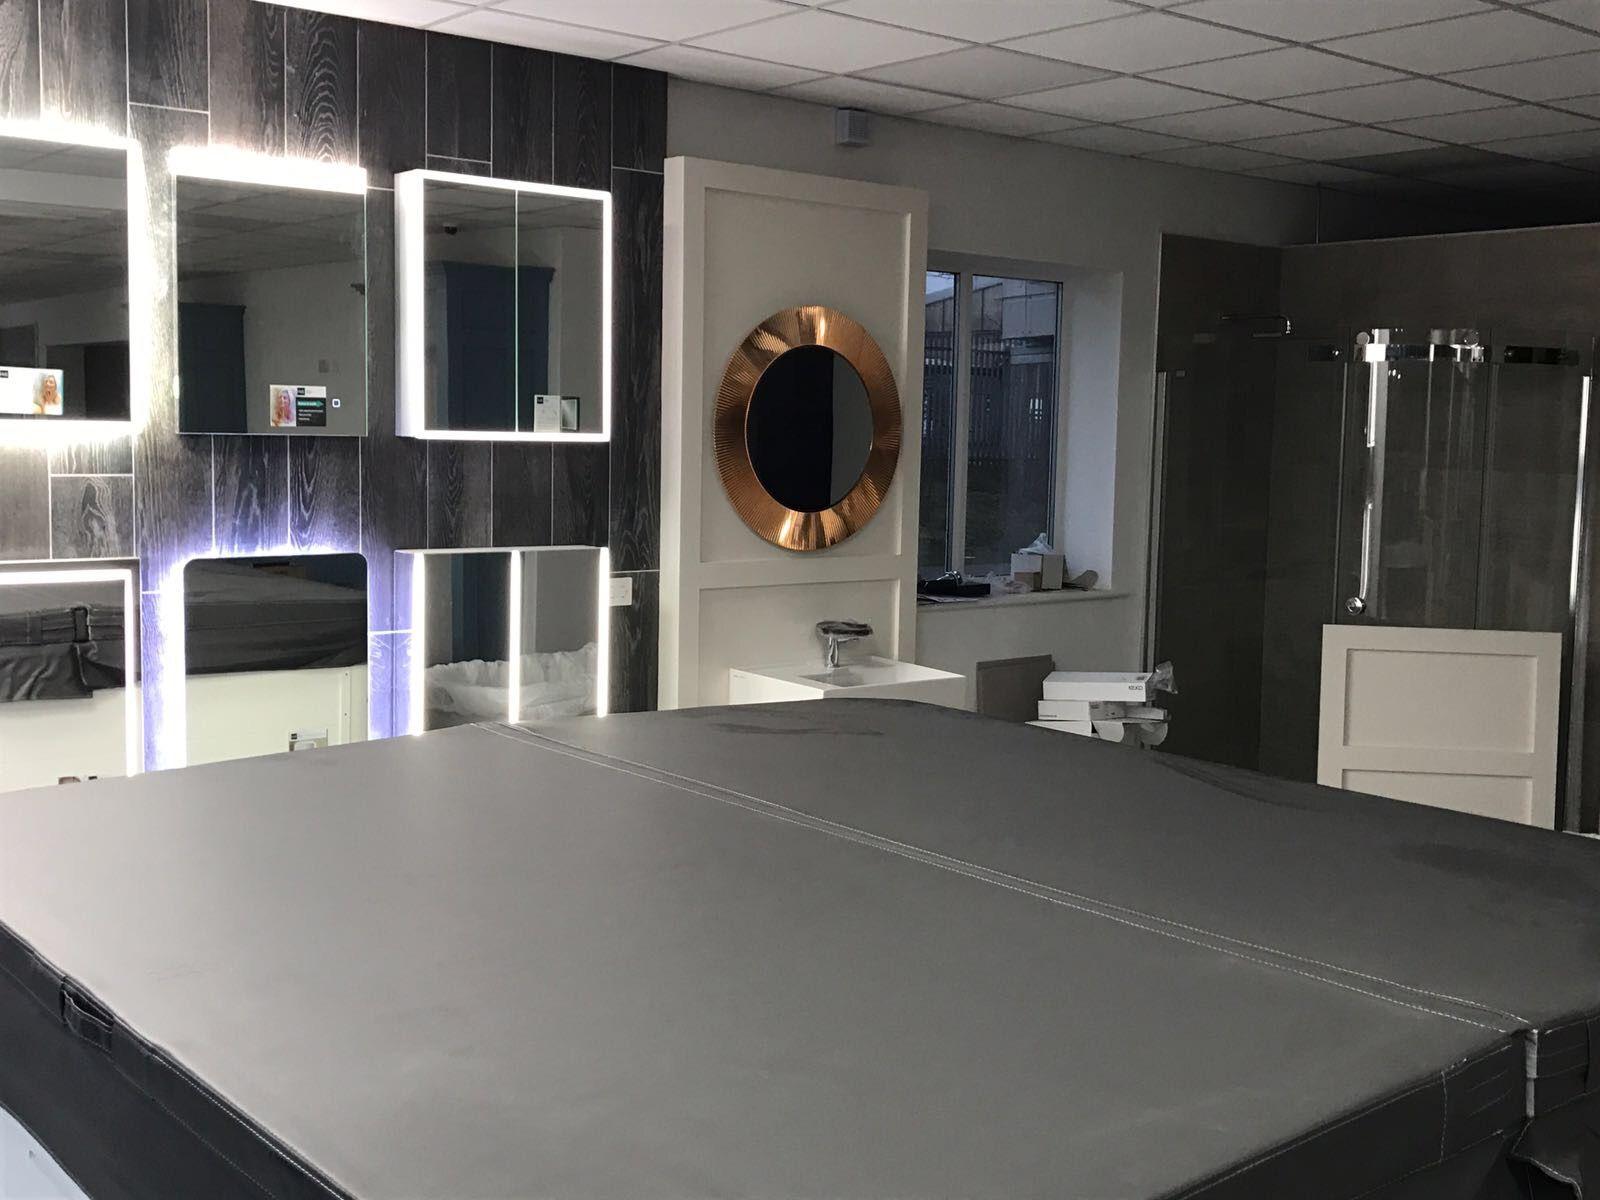 Ausgezeichnet Küche Bad Showroom Zeitgenössisch - Küchenschrank ...